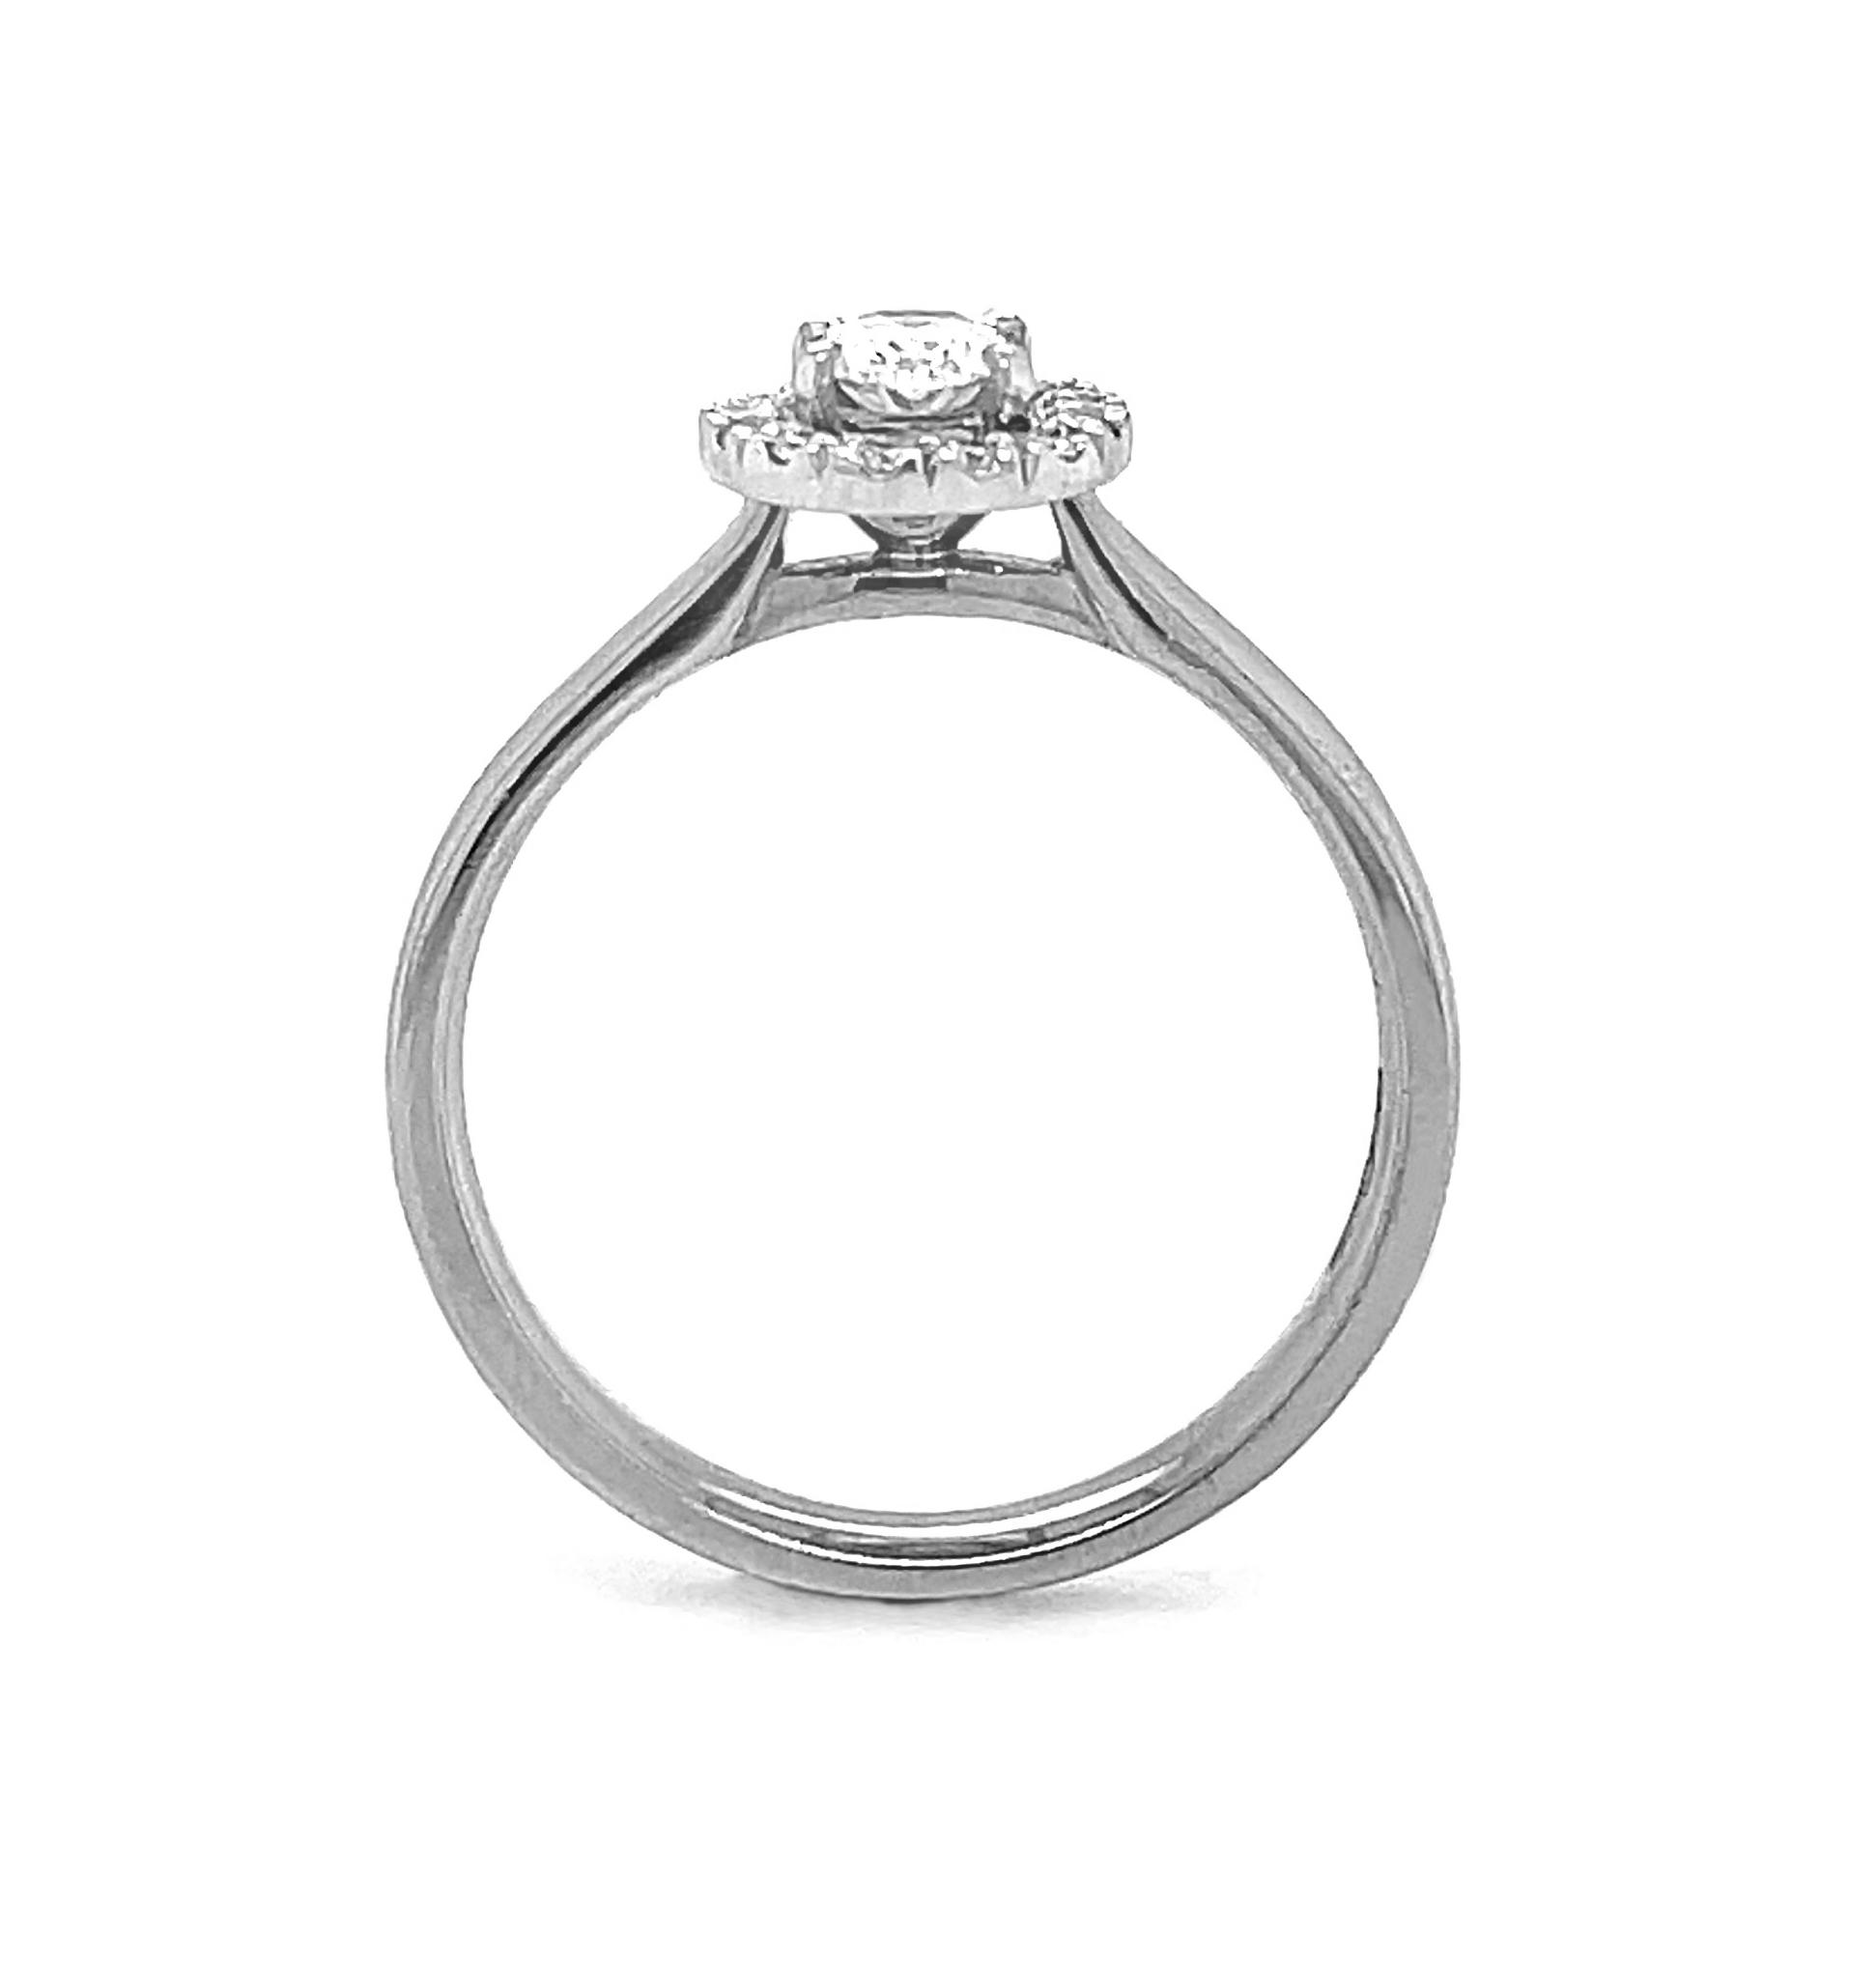 18k White Gold Oval Diamond Cluster Ring